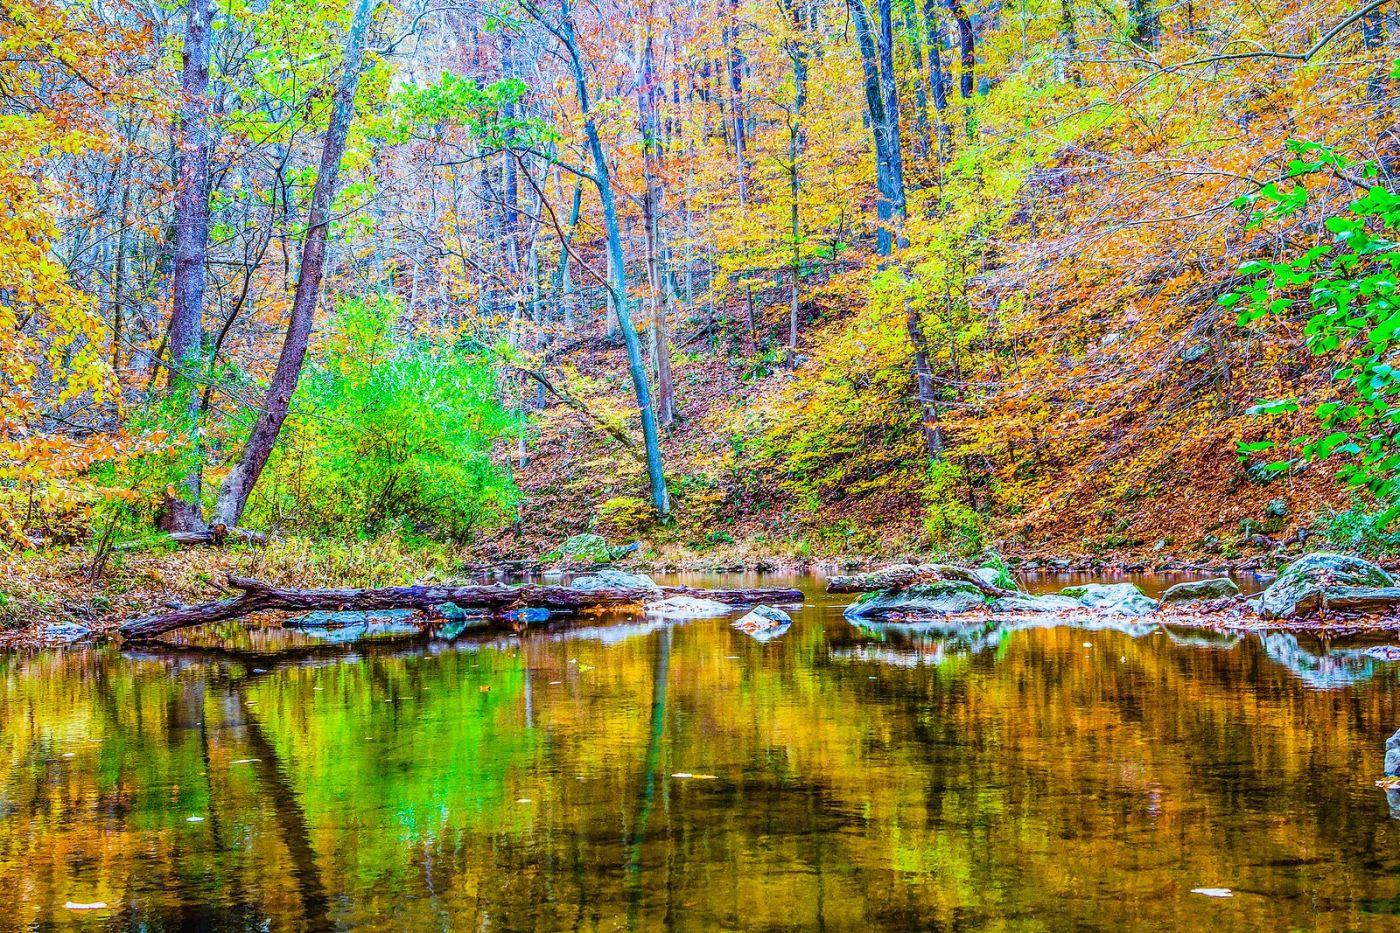 宾州雷德利克里克公园(Ridley creek park),大自然的舞台_图1-16